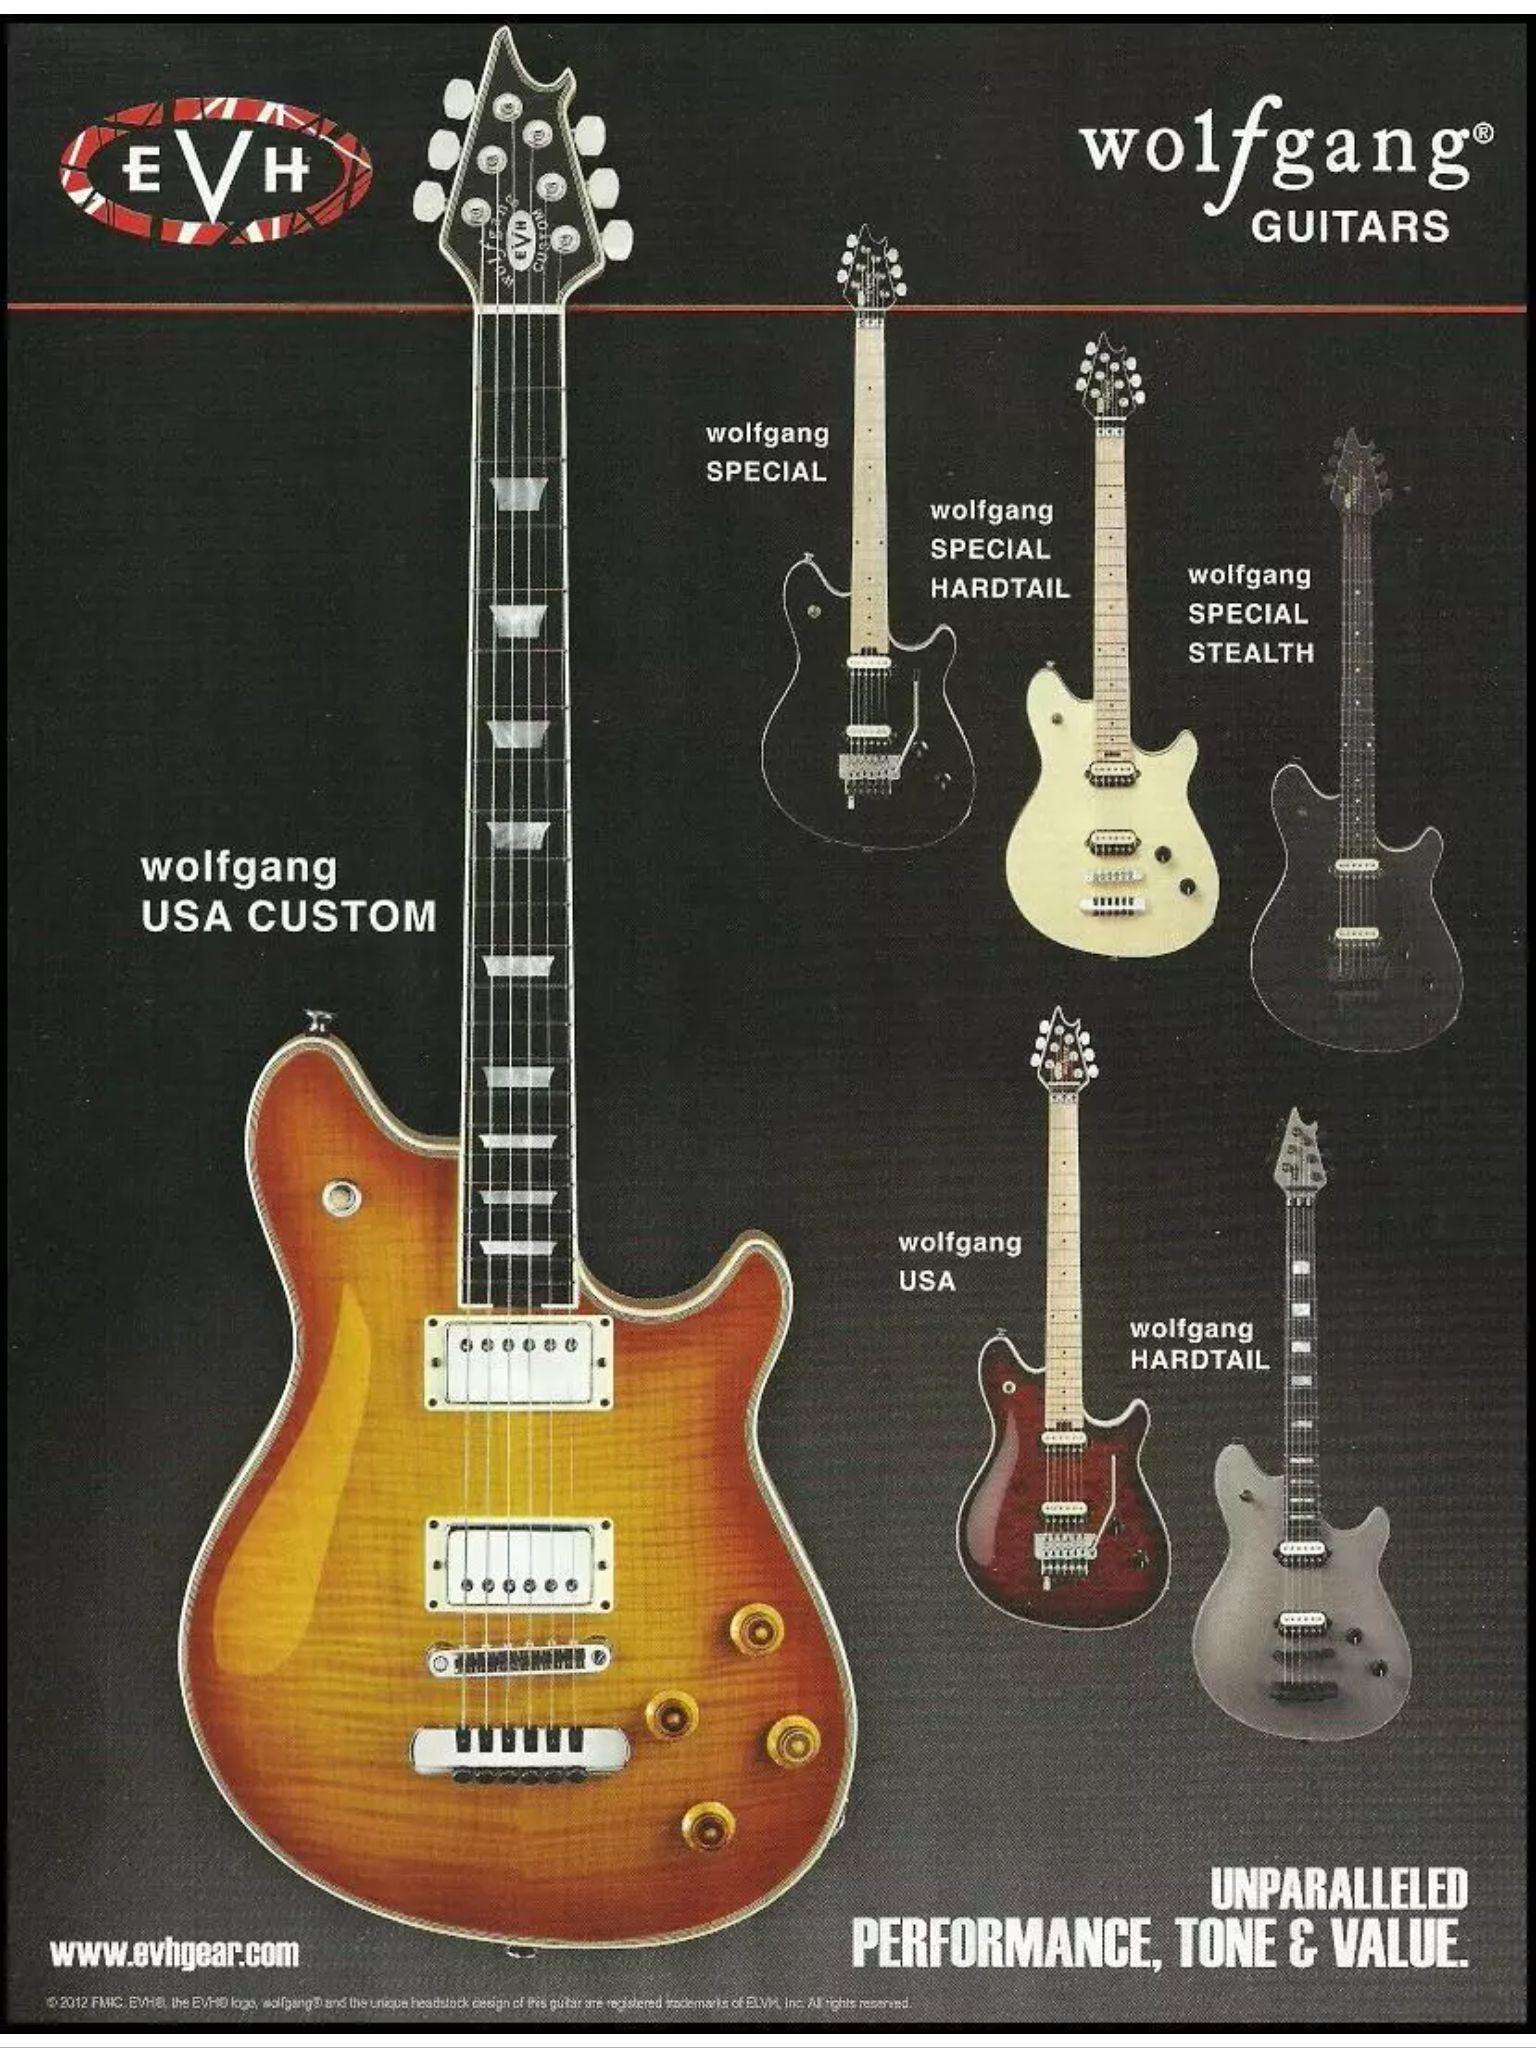 Evh Wolfgang Guitars Guitar Boutique Guitar Cool Guitar